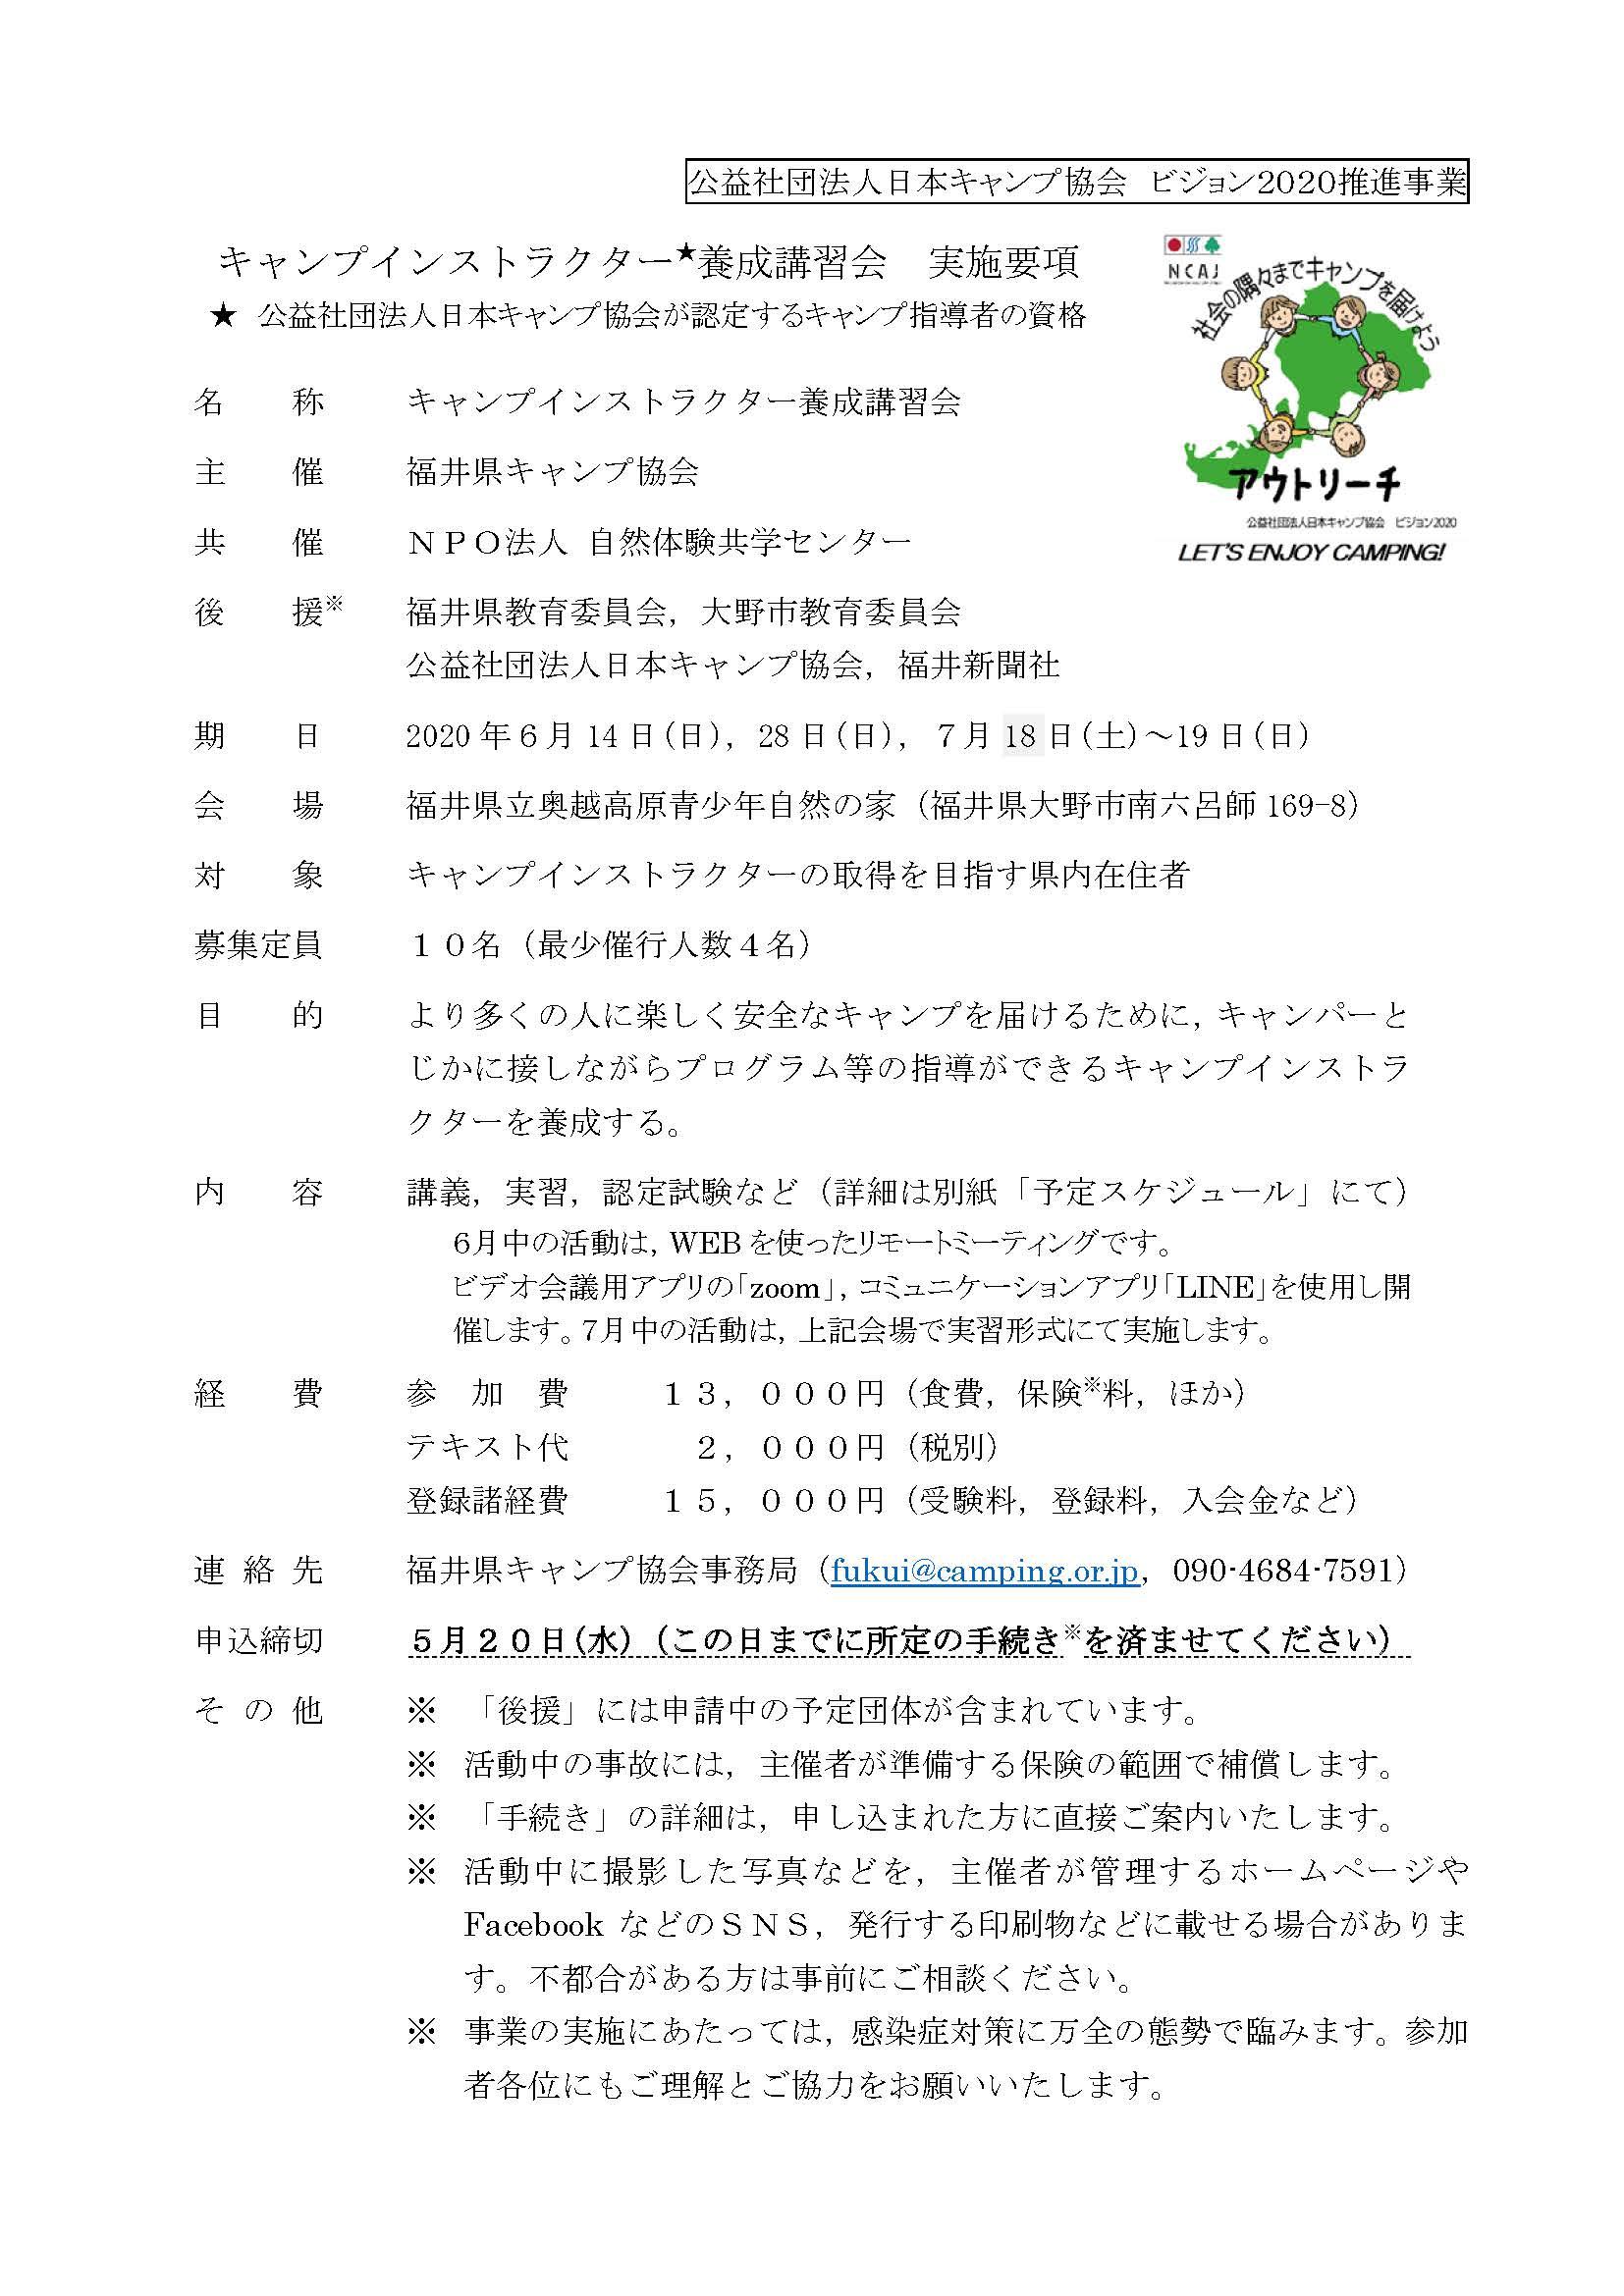 福井:キャンプインストラクター養成講習会(6/14・28、7/18~19) @ 福井県立奥越高原青少年自然の家